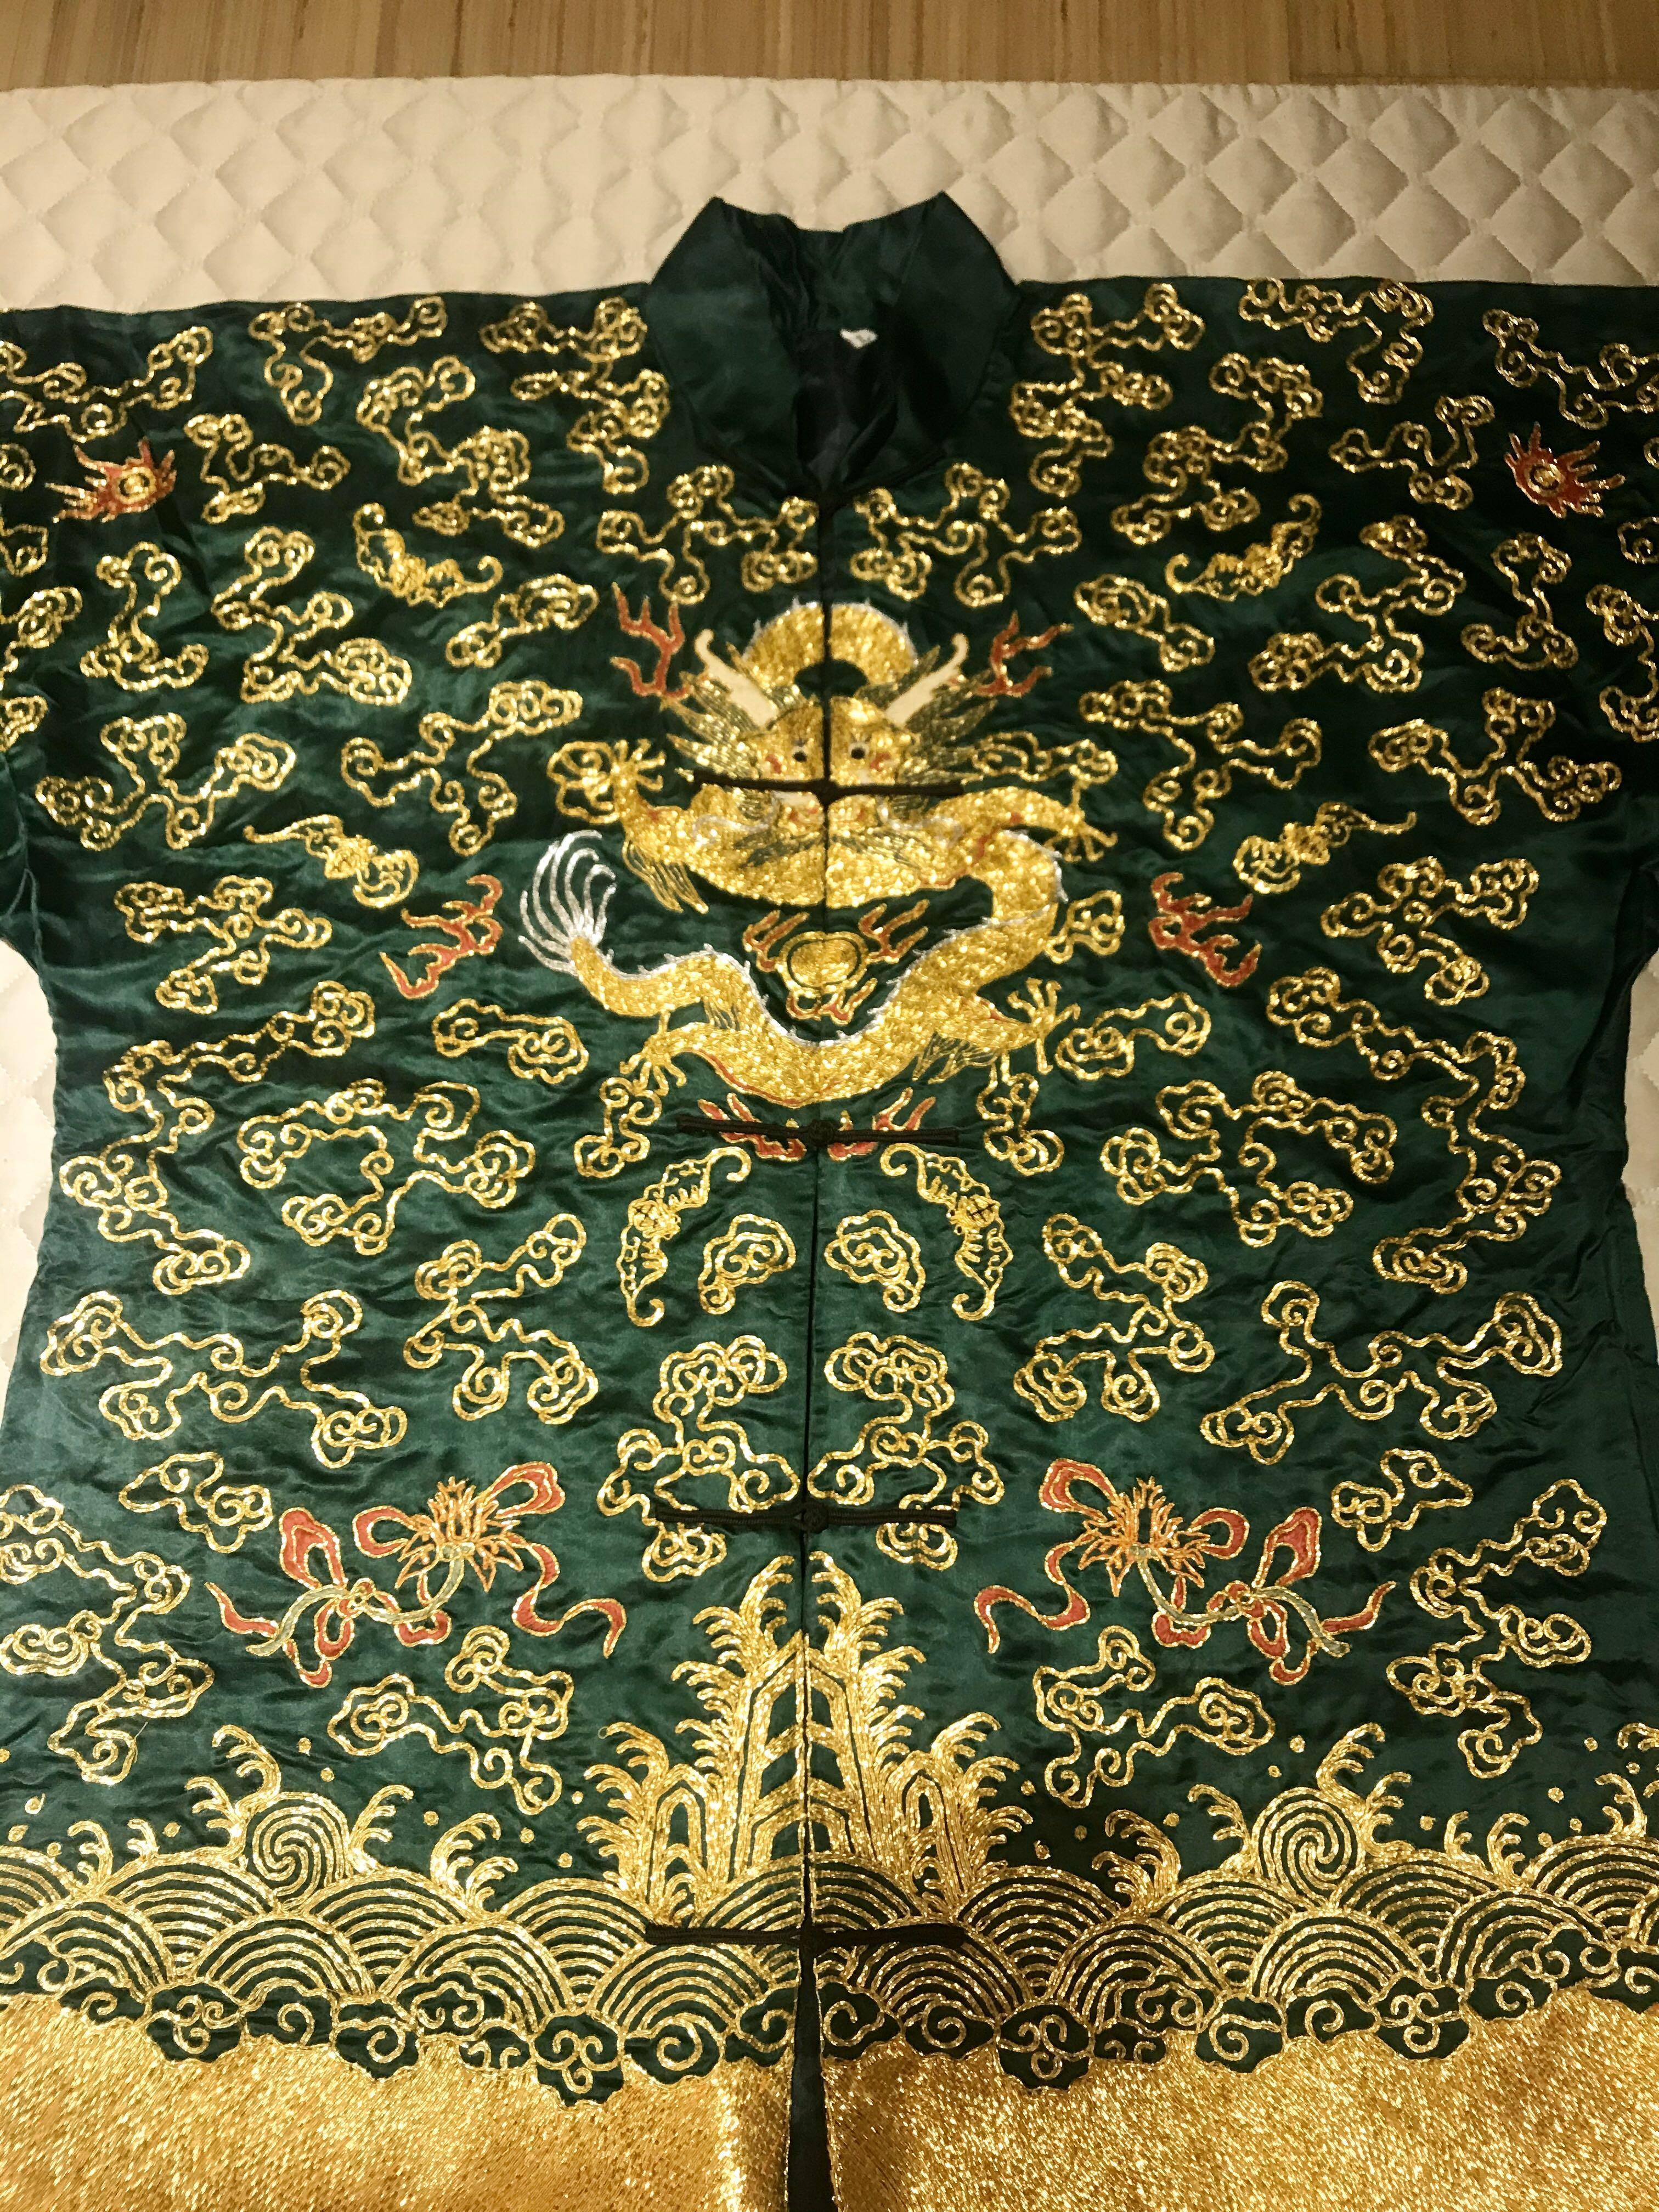 王爺綠色龍袍刺綉、25年前北京買、可錶框大器擺件